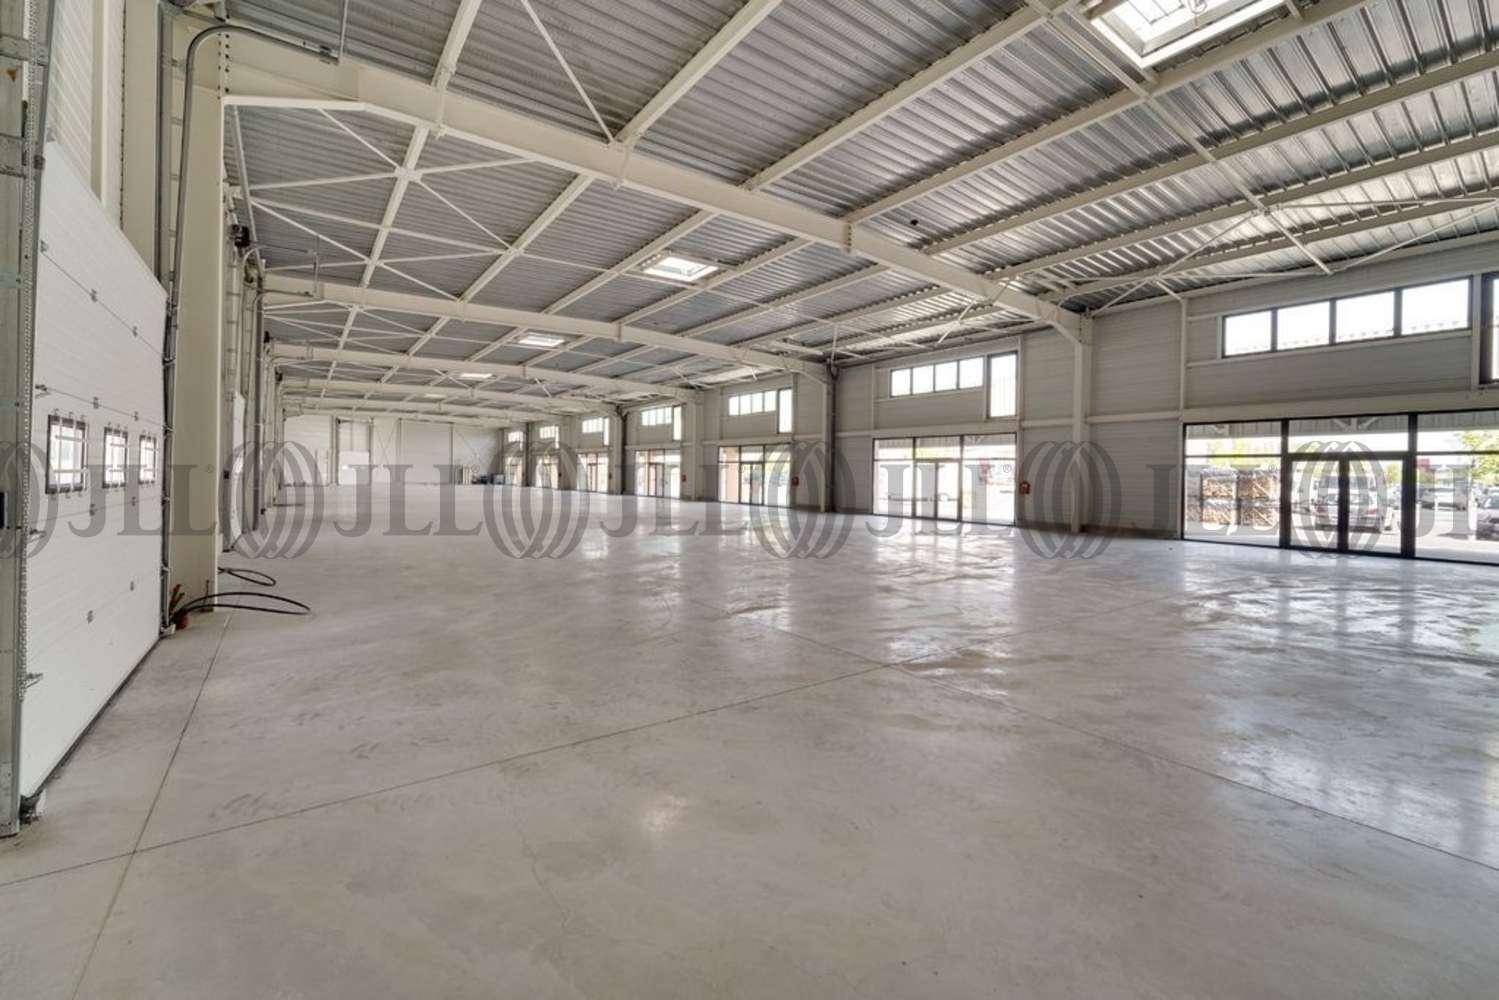 Activités/entrepôt Les ulis, 91940 - VILLAGE DES ARTISANS - 10256367